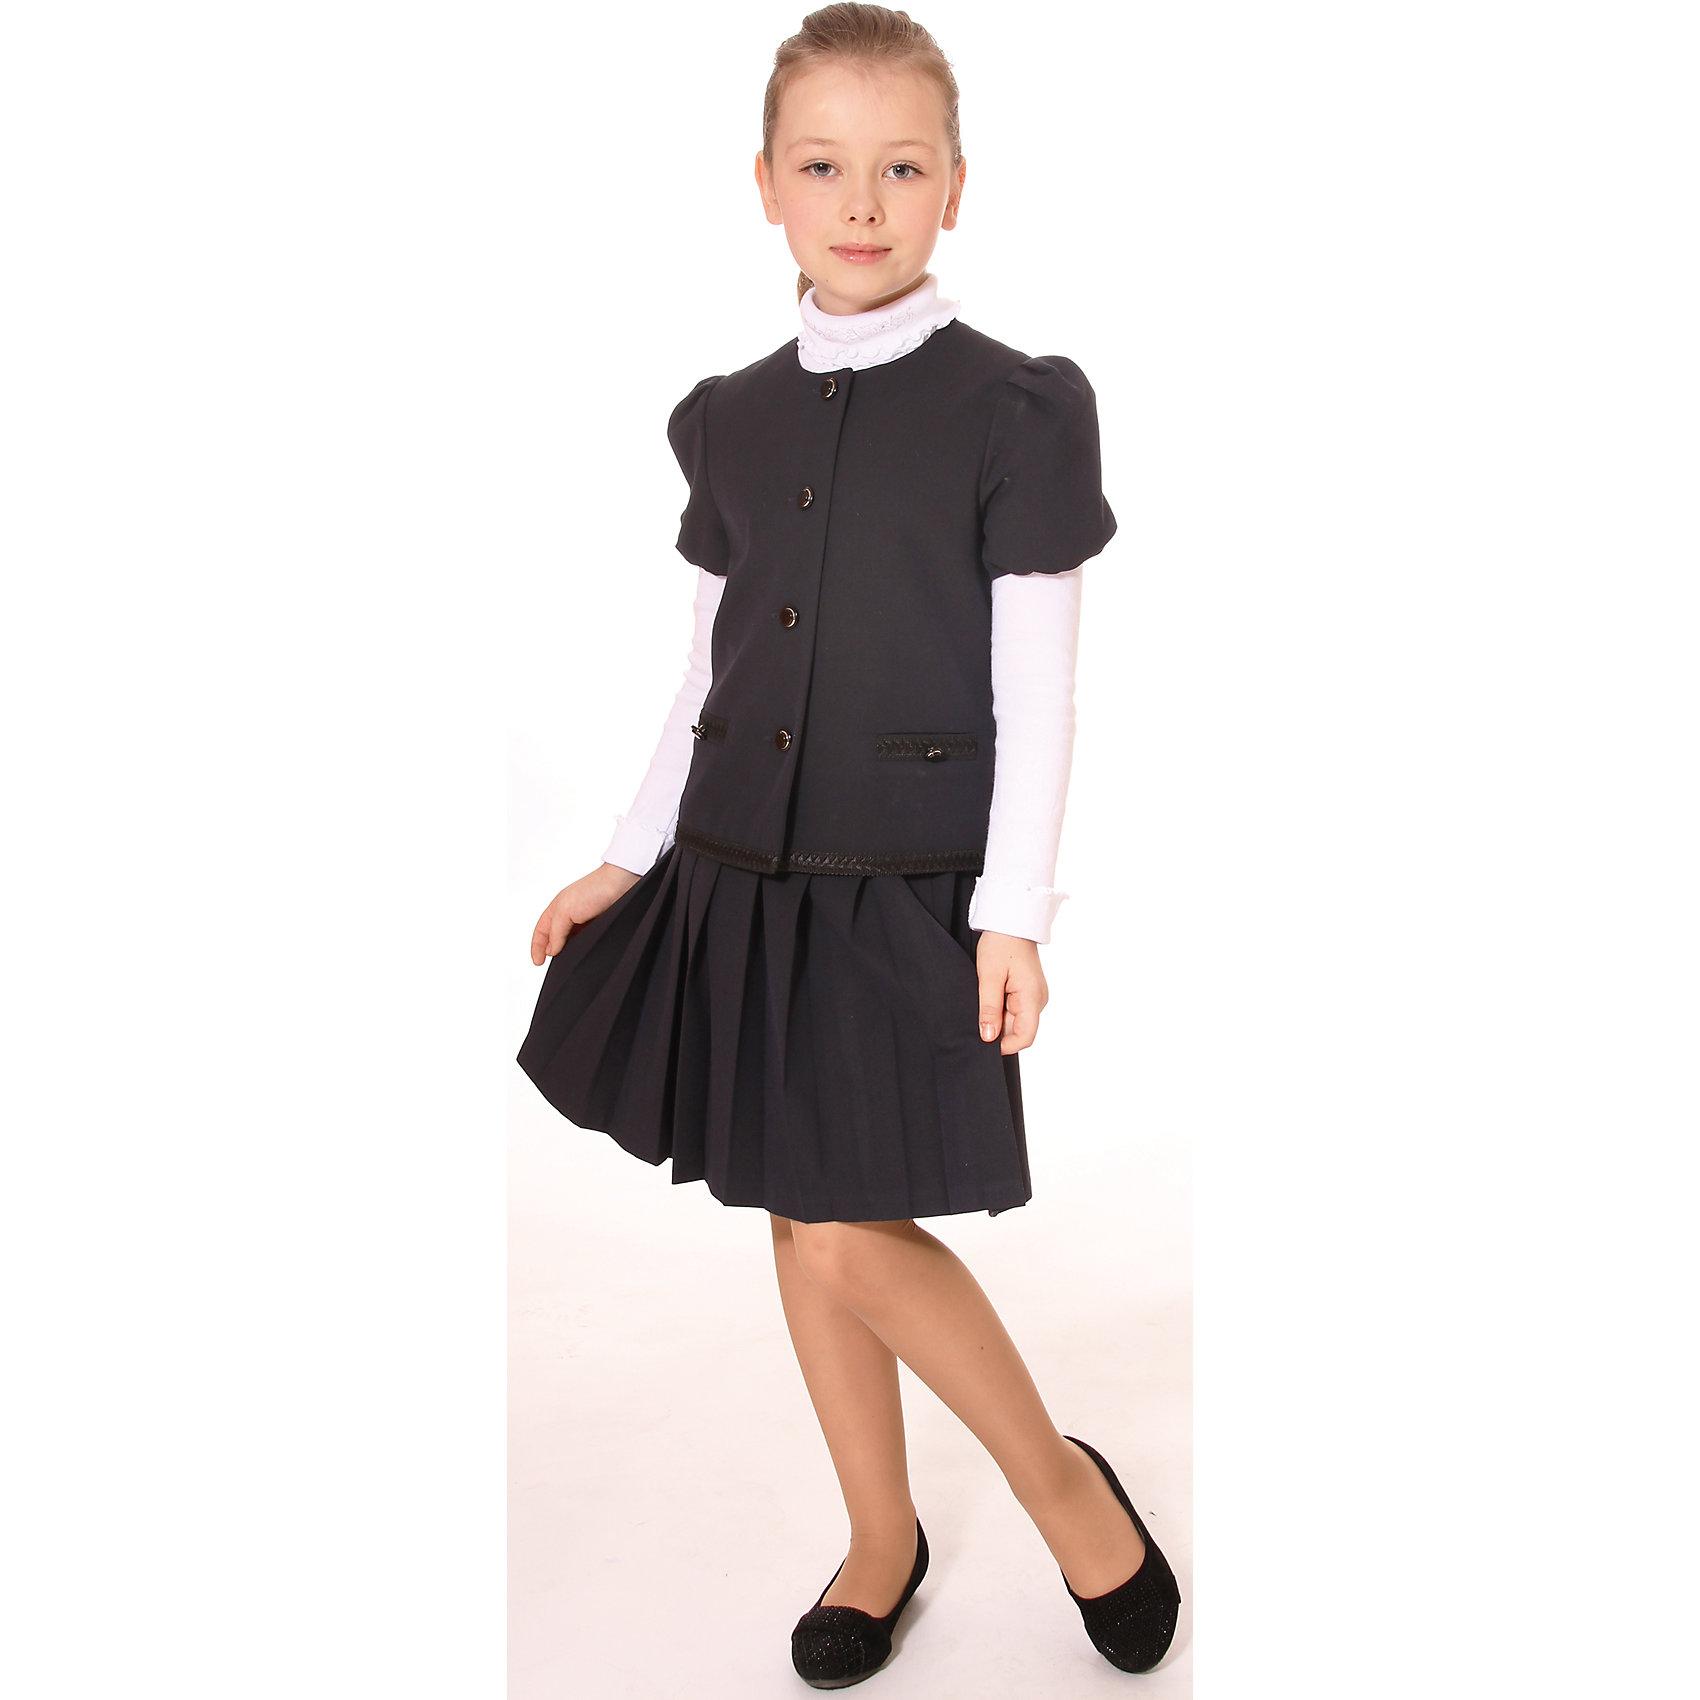 Смена Костюм для девочки: жакет и юбка Смена